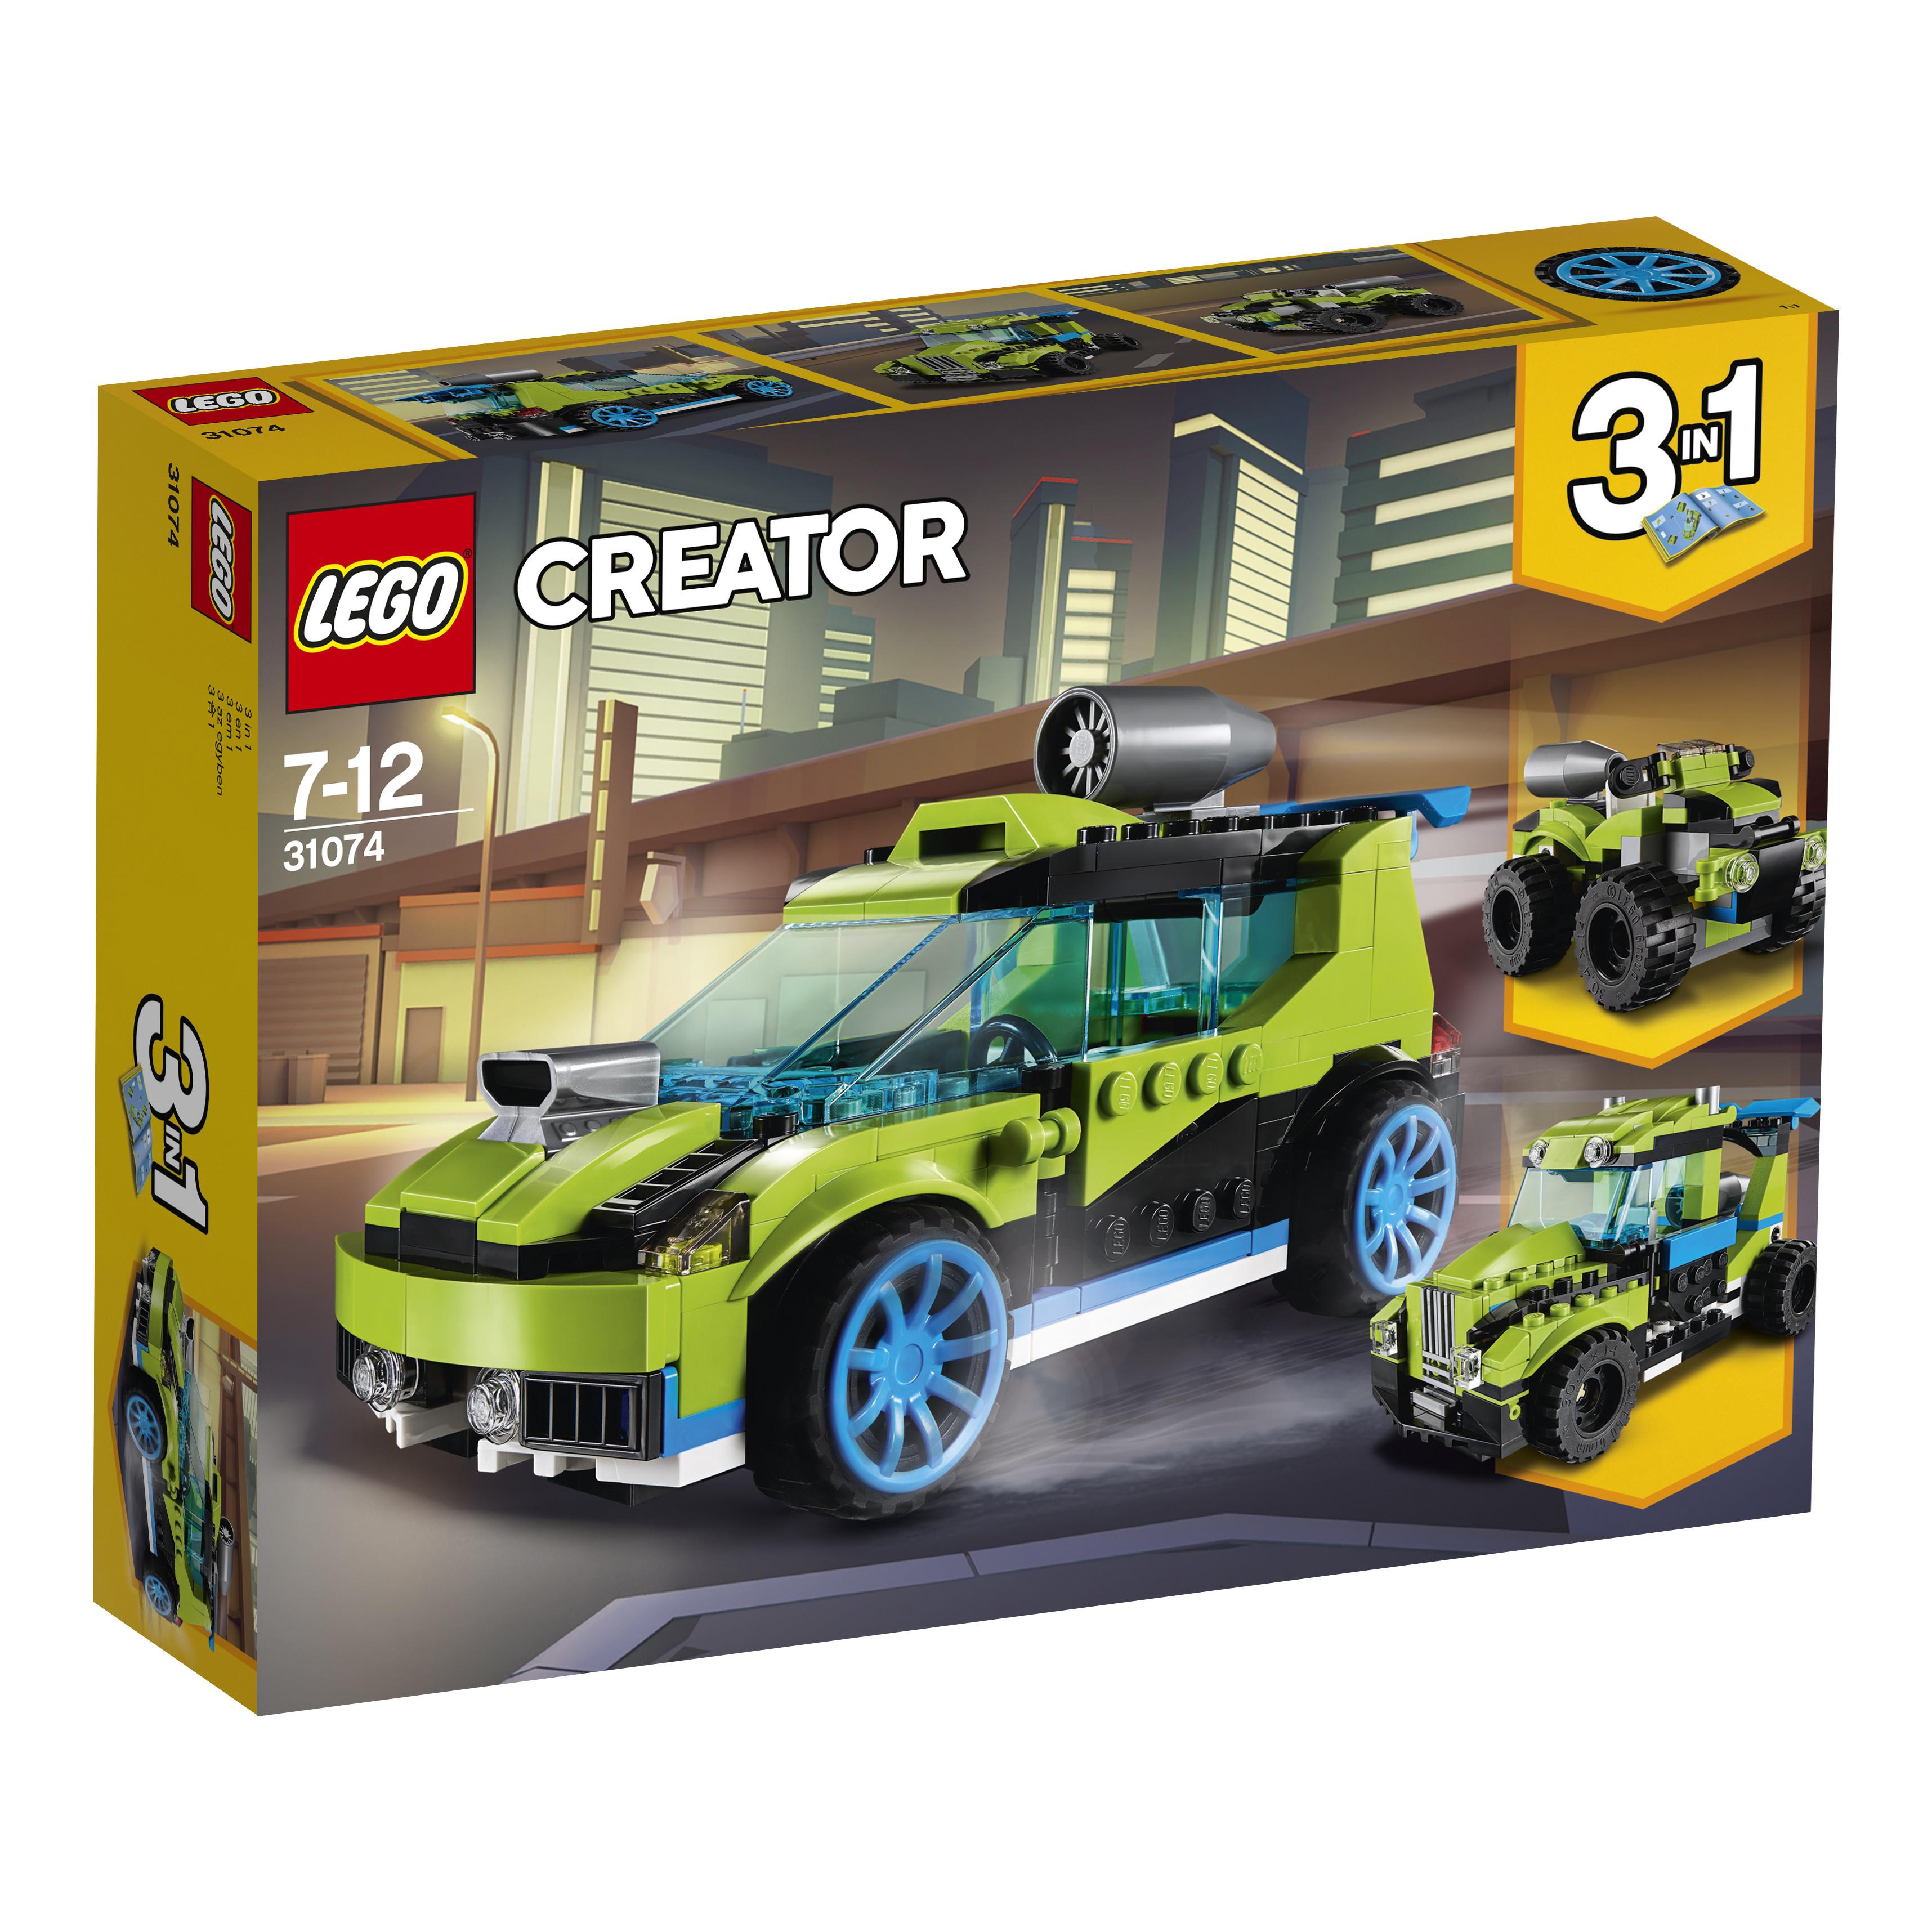 LEGO LEGO Конструктор LEGO Creator 31074 Суперскоростной раллийный автомобиль конструктор lego creator путешествие по воздуху 31047